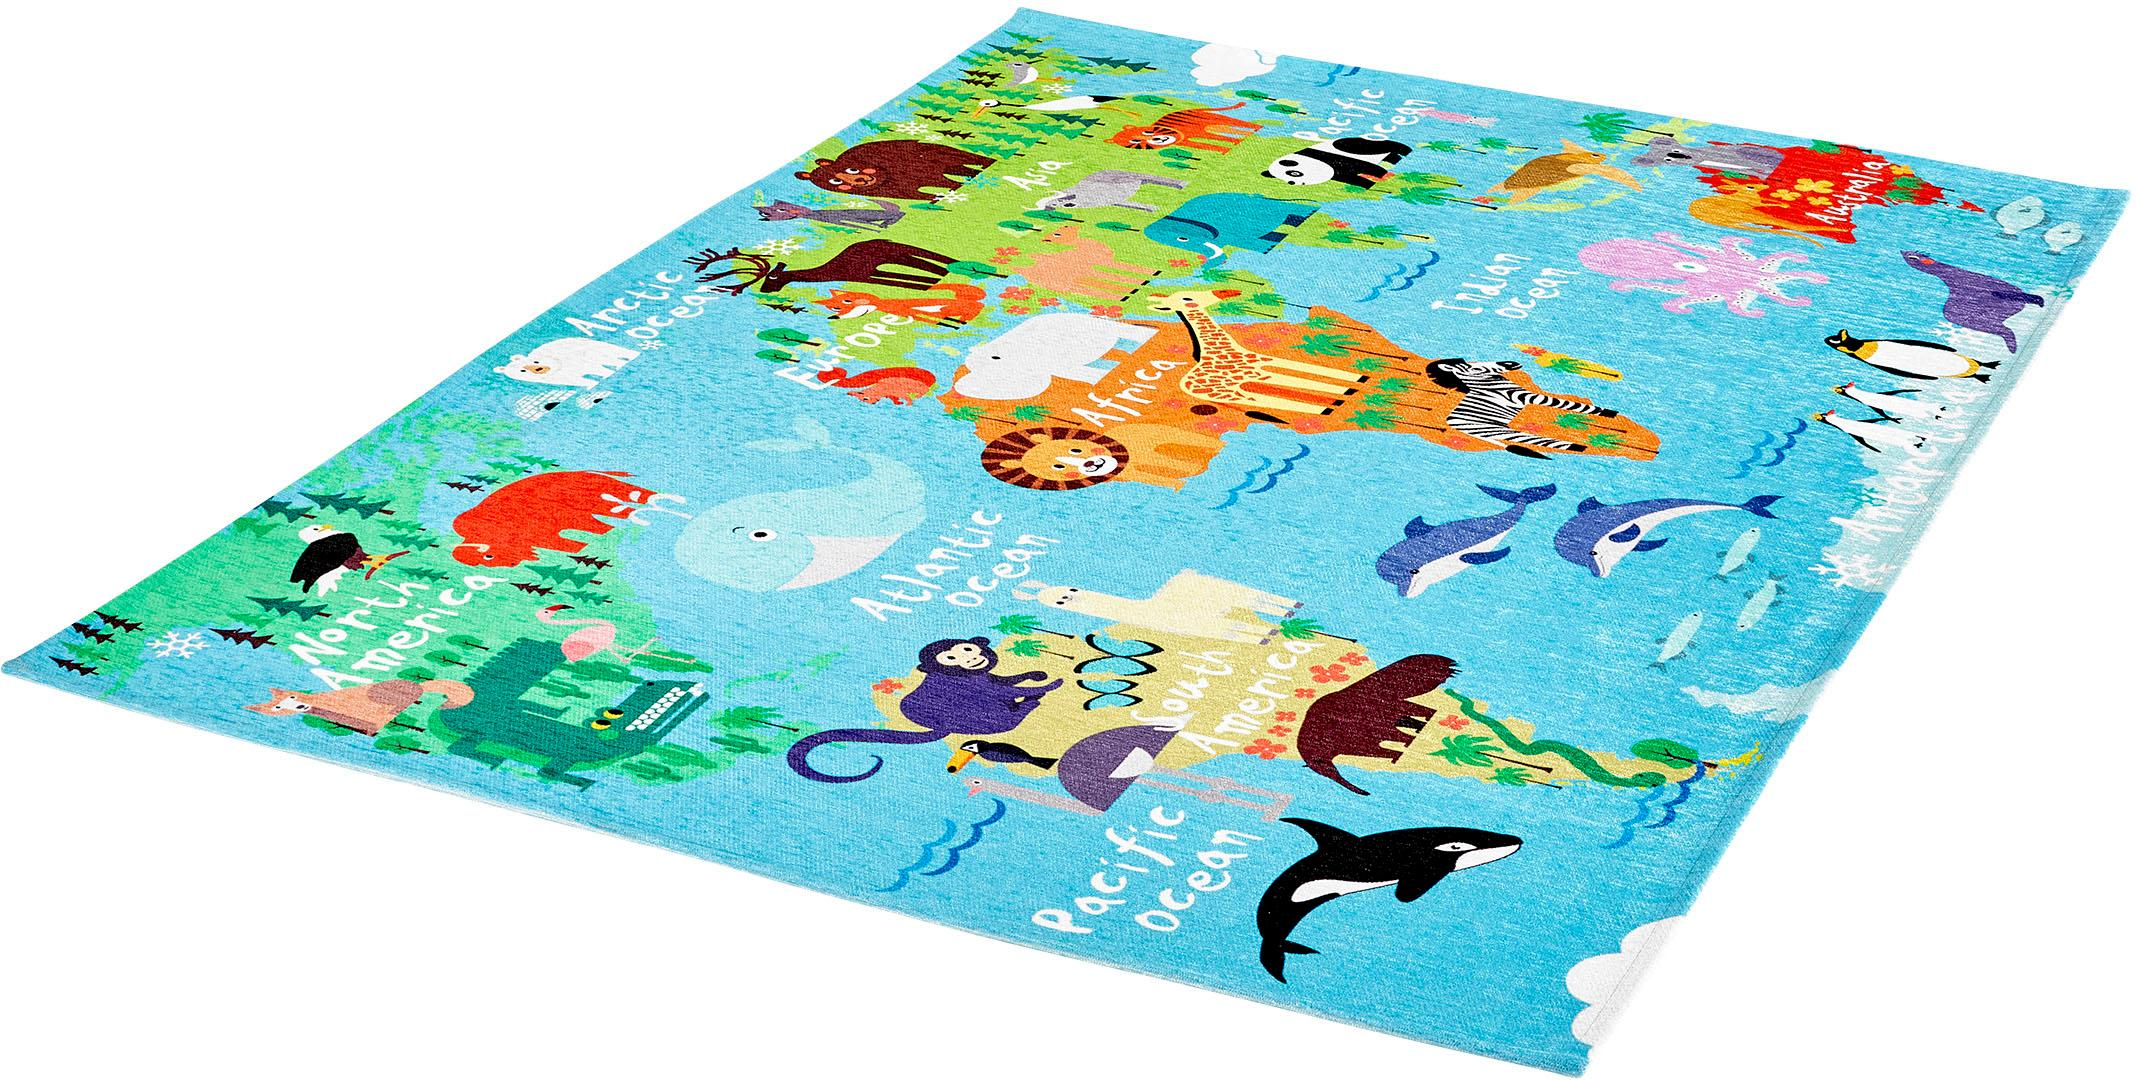 Teppich My Torino Kids 233 Obsession rechteckig Höhe 10 mm maschinell gewebt